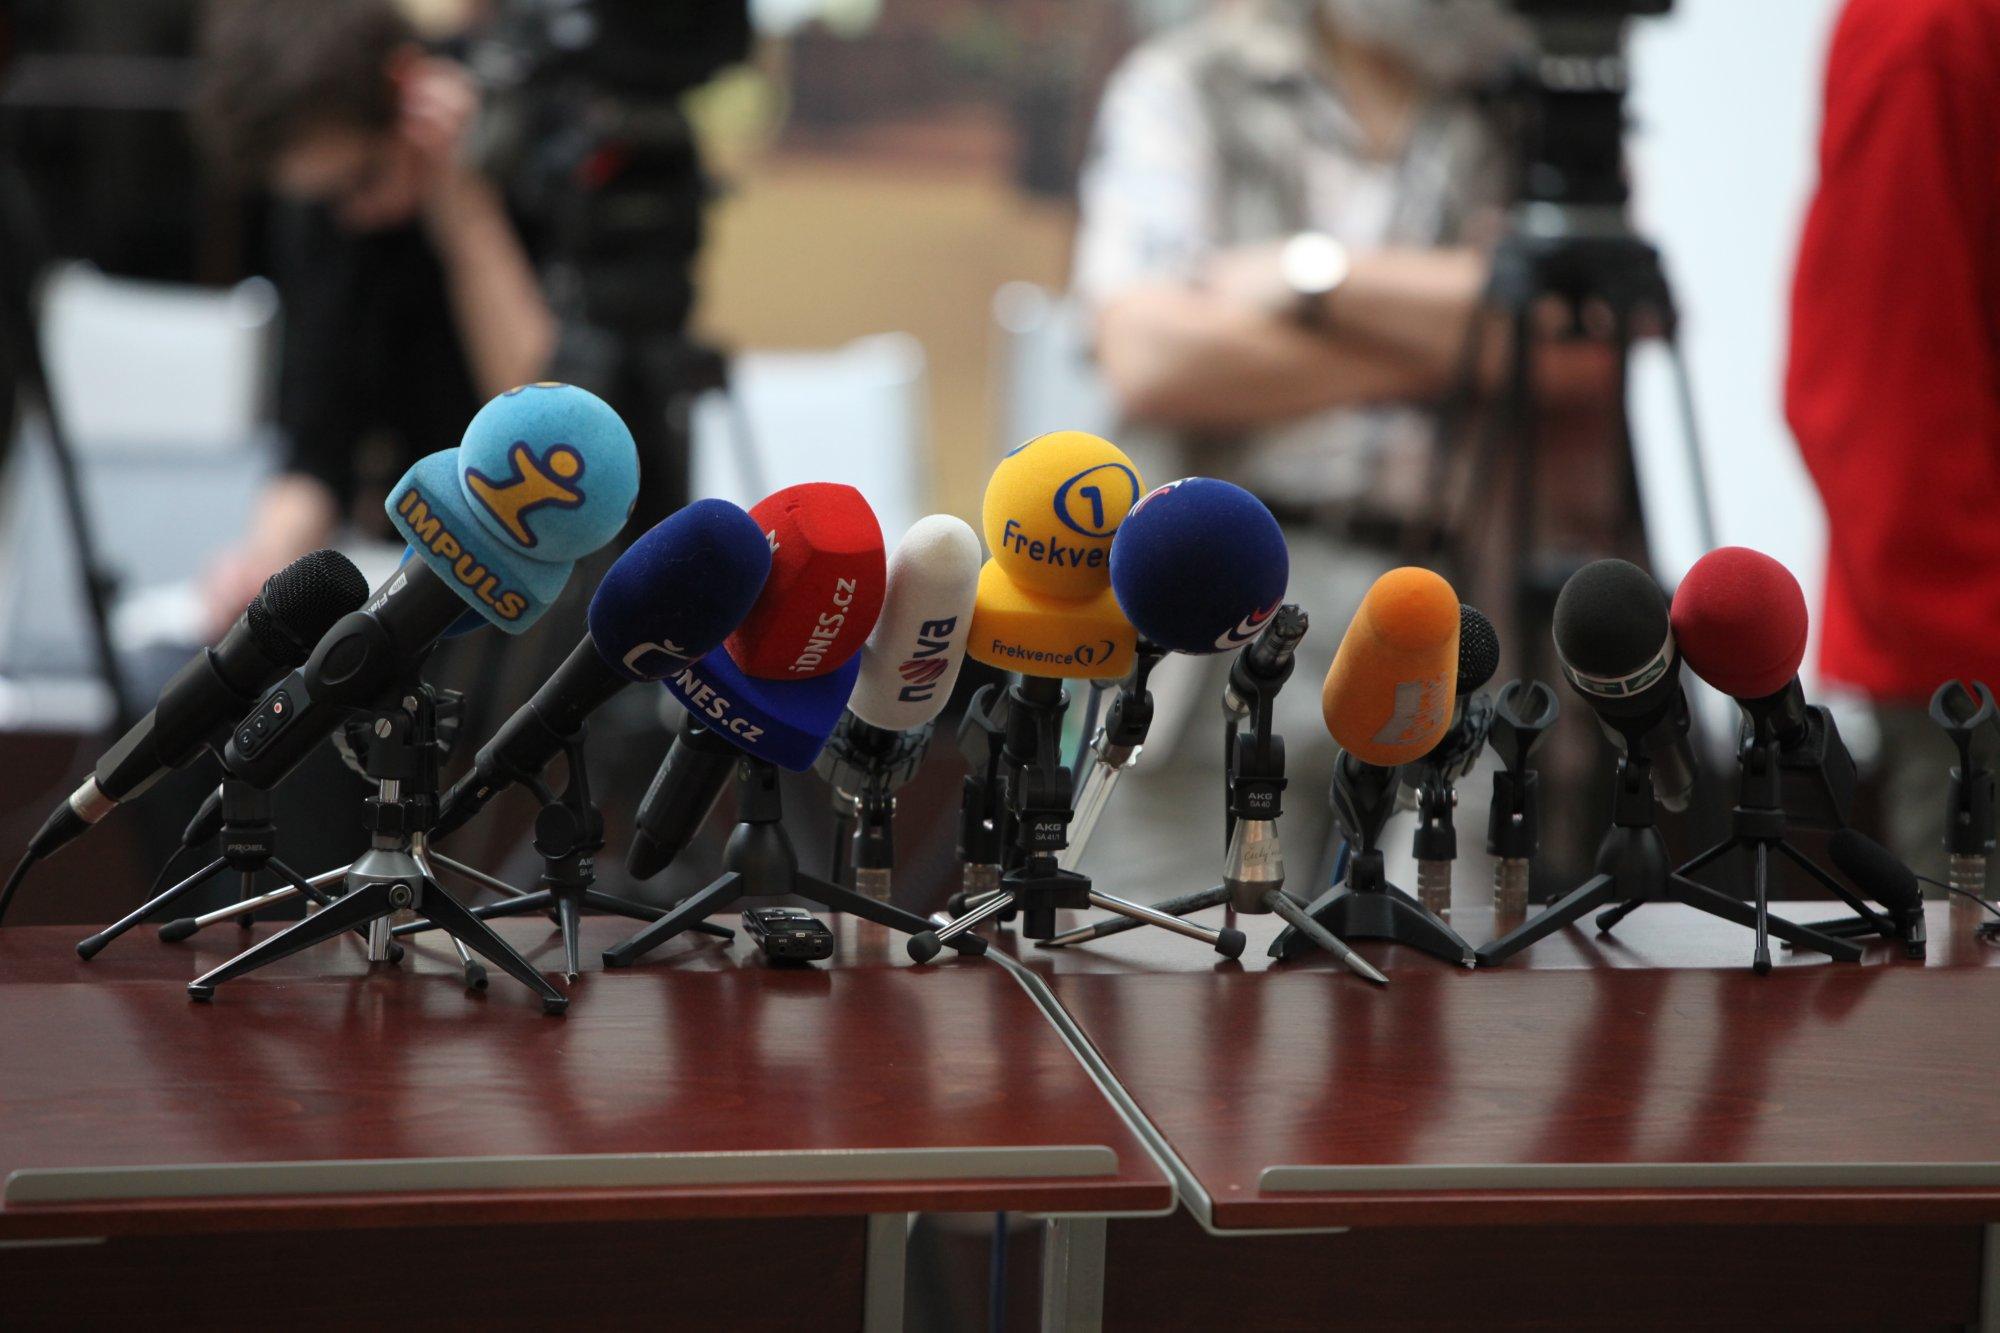 Předsedové demokratických opozičních stran žádají poslaneckou kontrolu nad nízkouhlíkovým zákonem. Projekt Dukovany II nesmí ohrozit bezpečnost České republiky